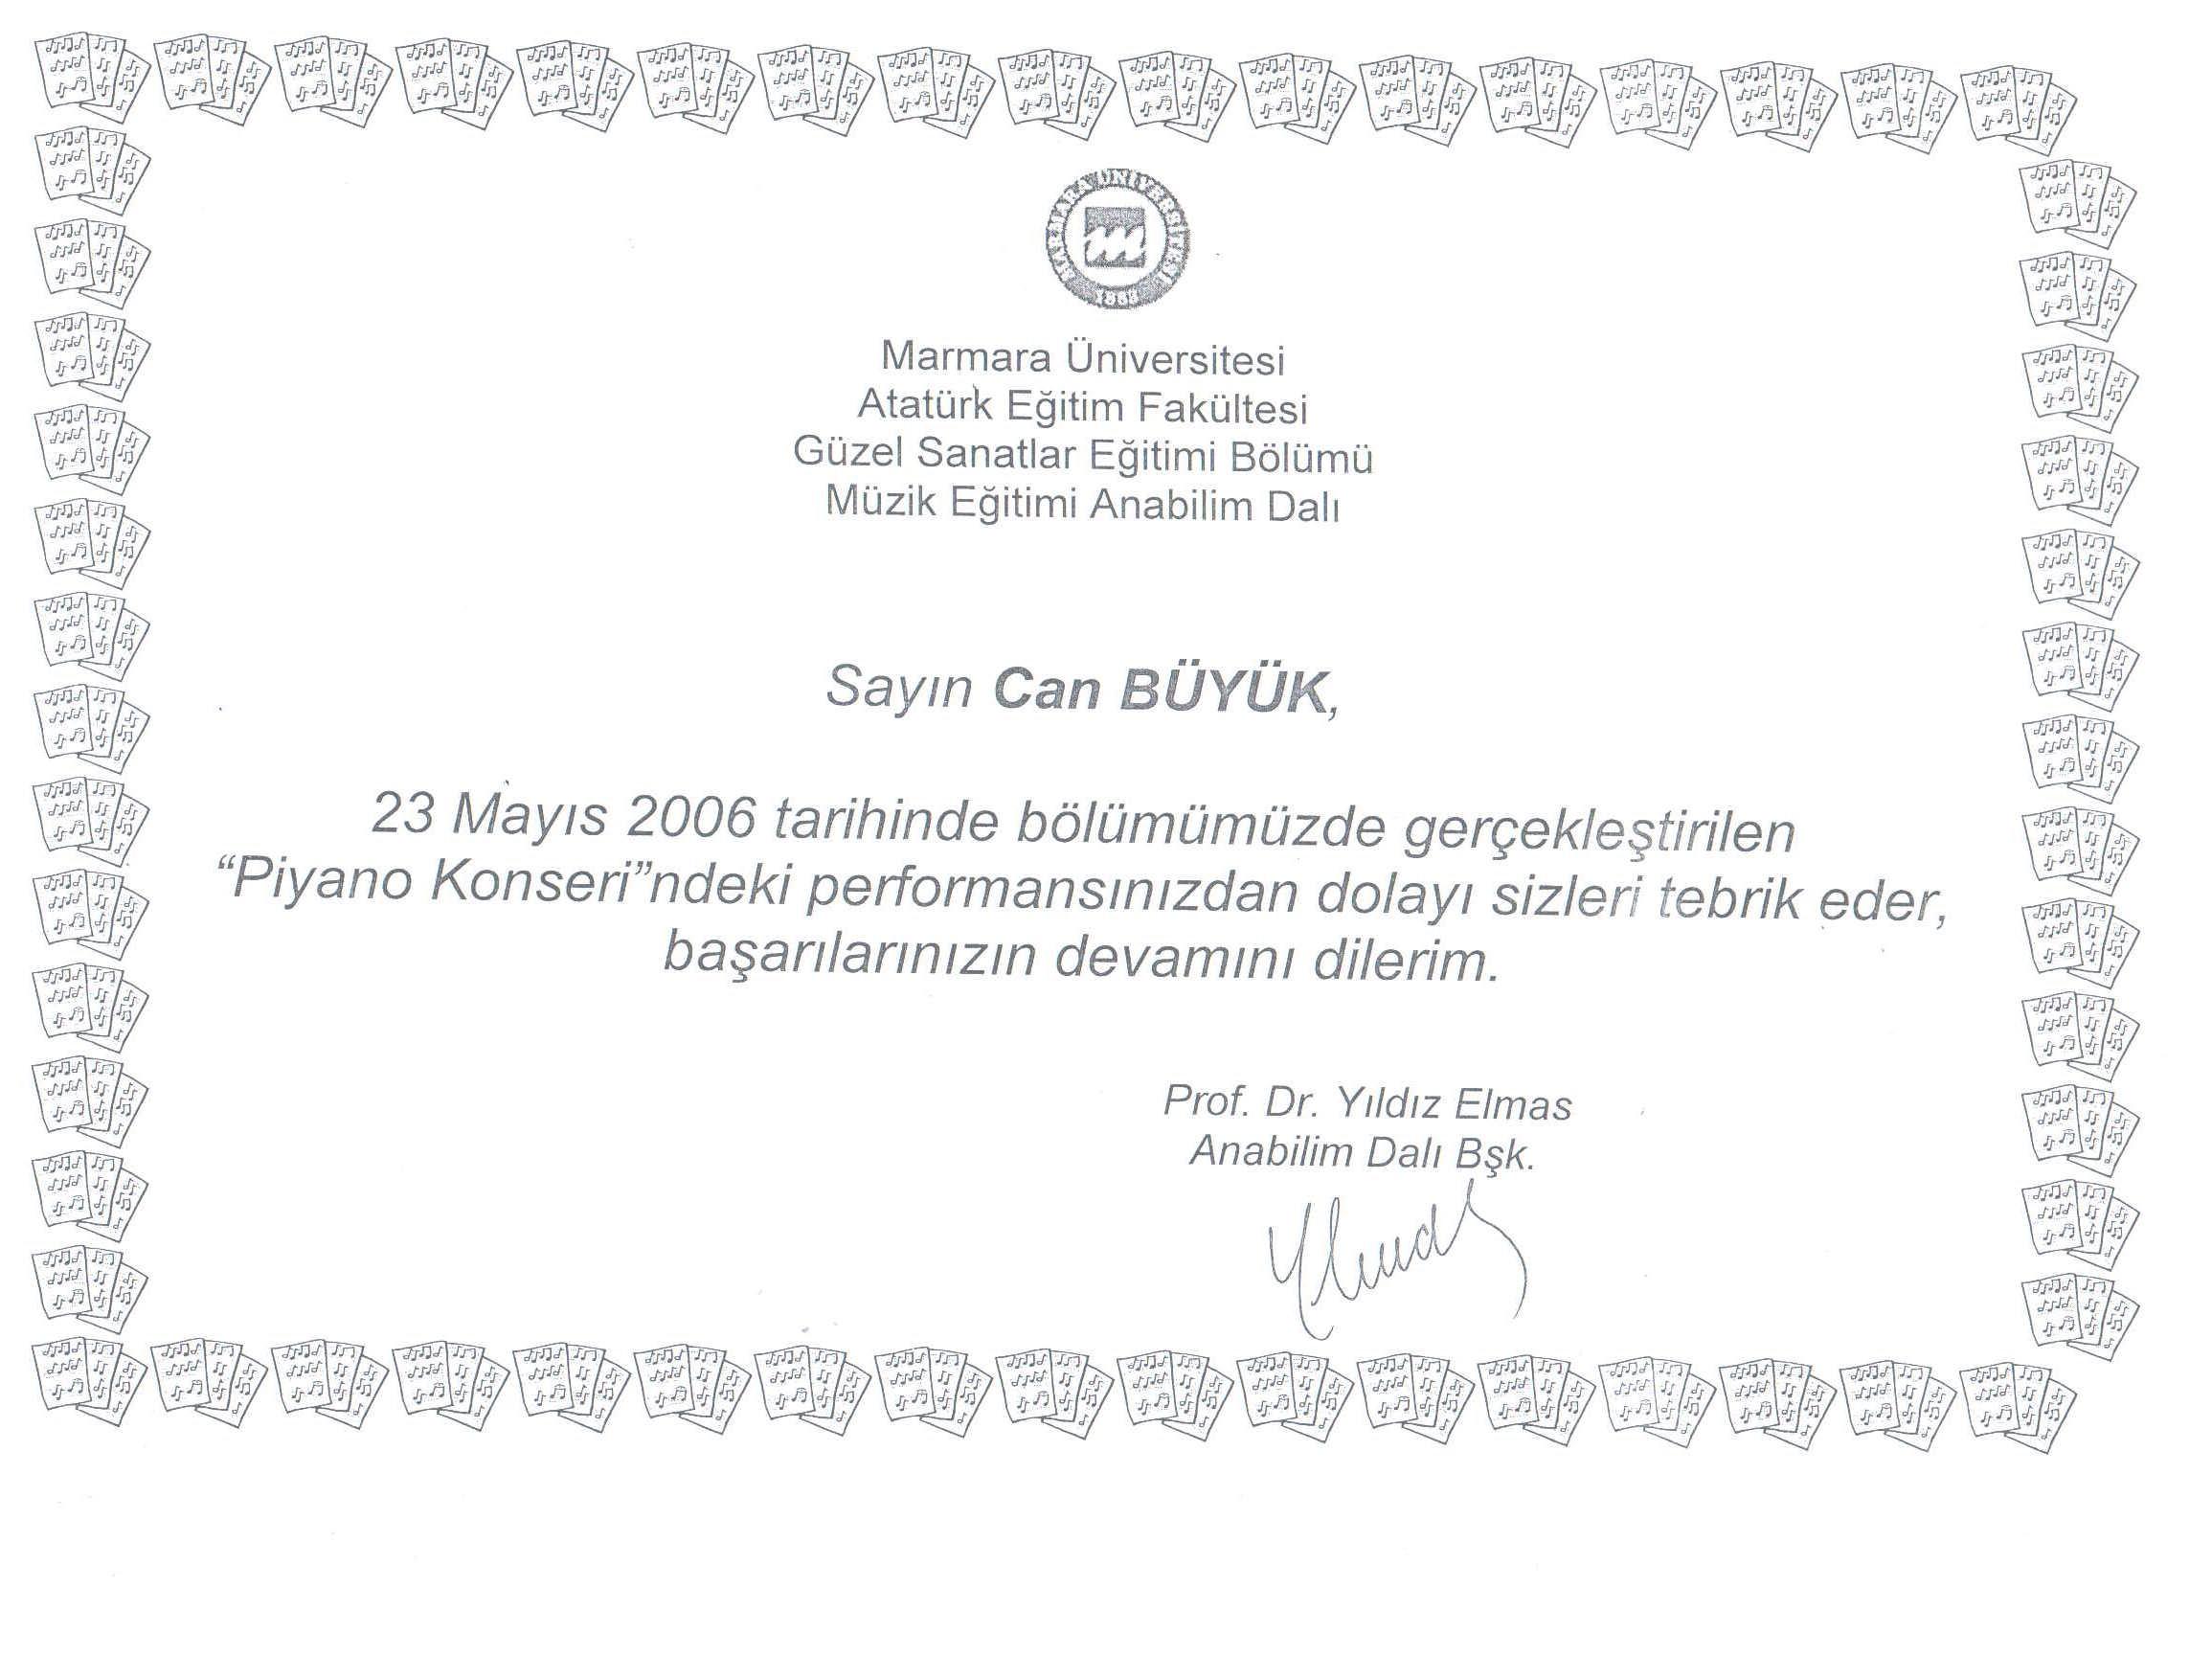 Marmara_Universitesi_Teşekkür_Belgesi_2006